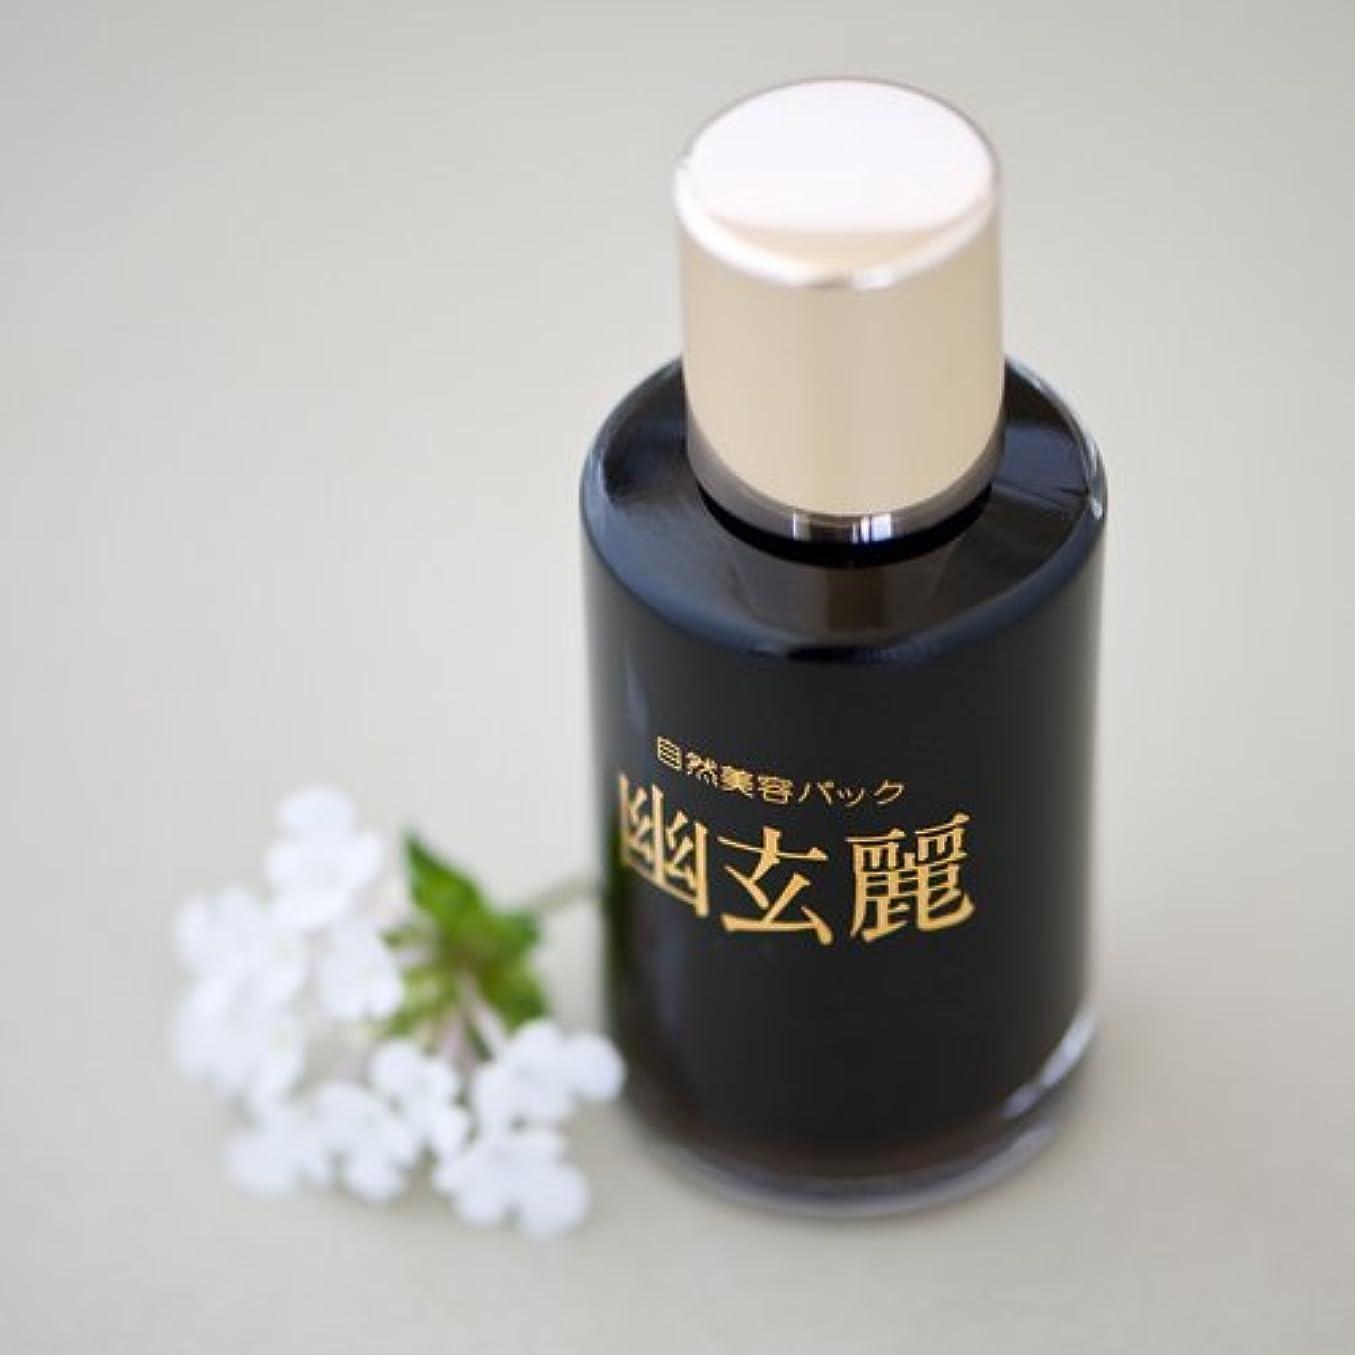 助言する好み貼り直す漢萌(KANPOO) 幽玄麗(活肌美容液) 30ml